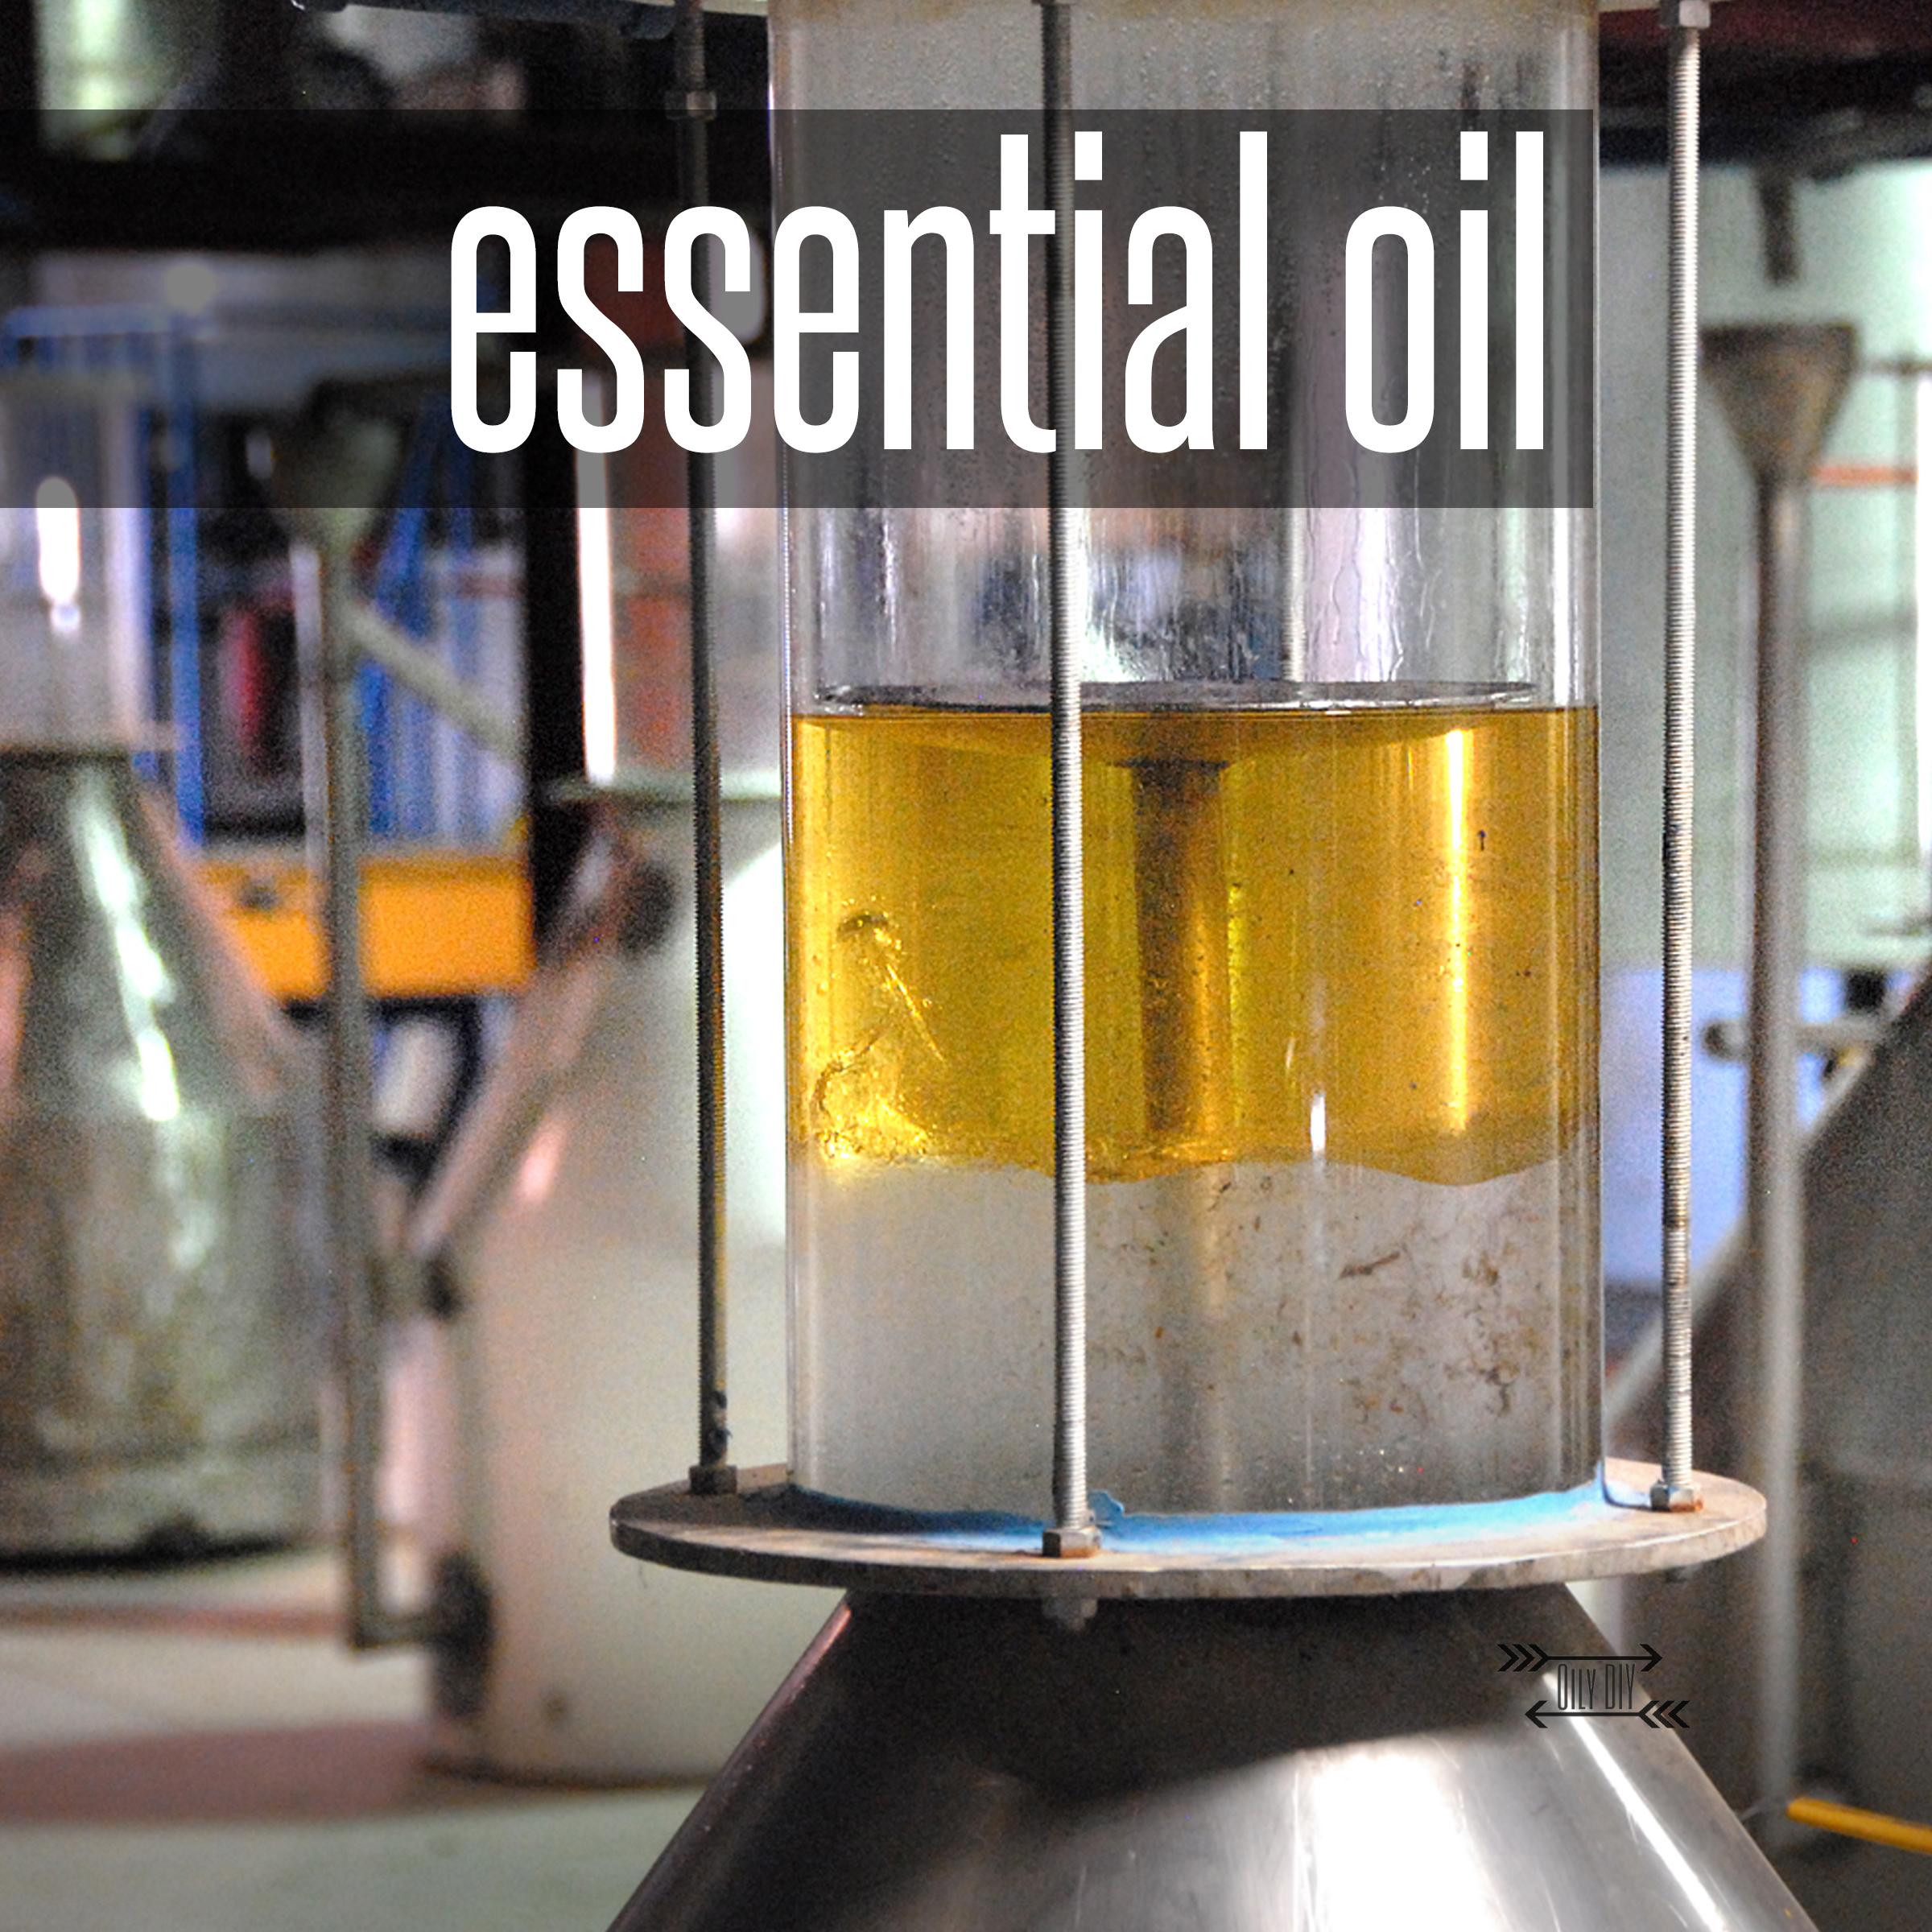 essentialoil_edited-1.jpg